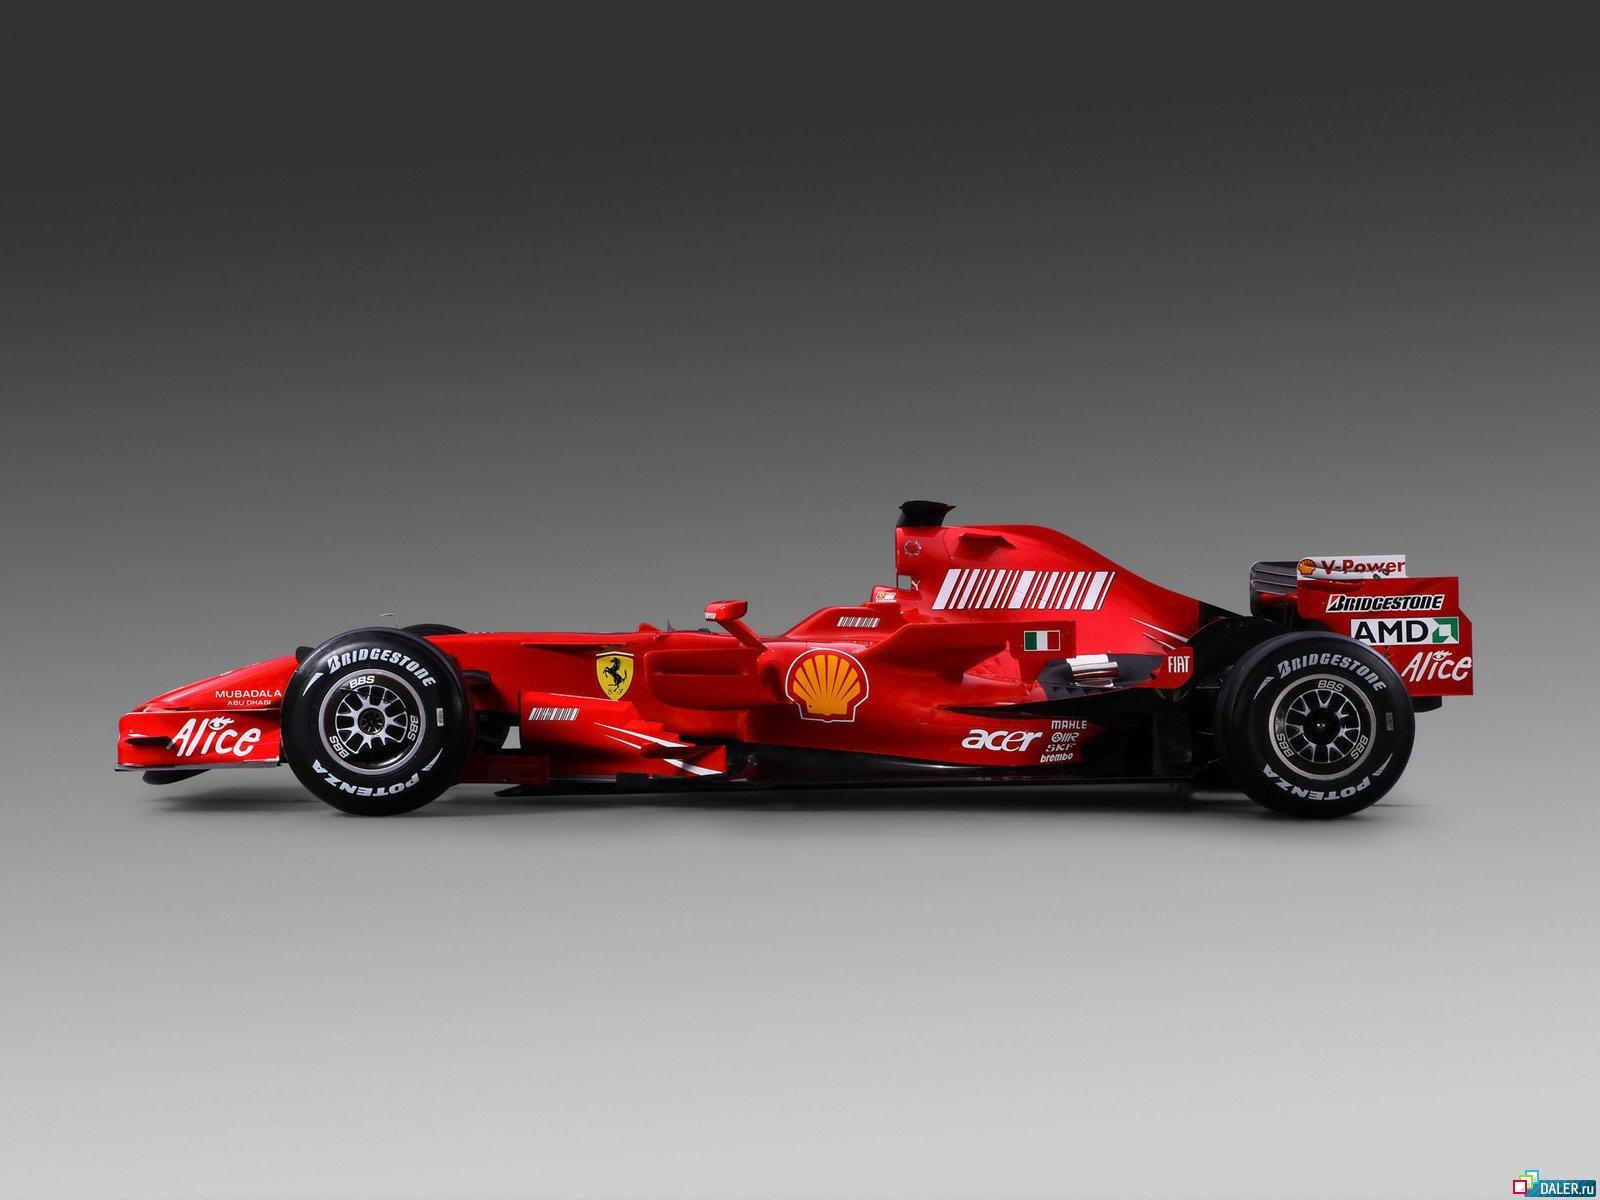 Красная формалу один, авто, гоночный автомобиль, машина, скачать обои на рабочий стол